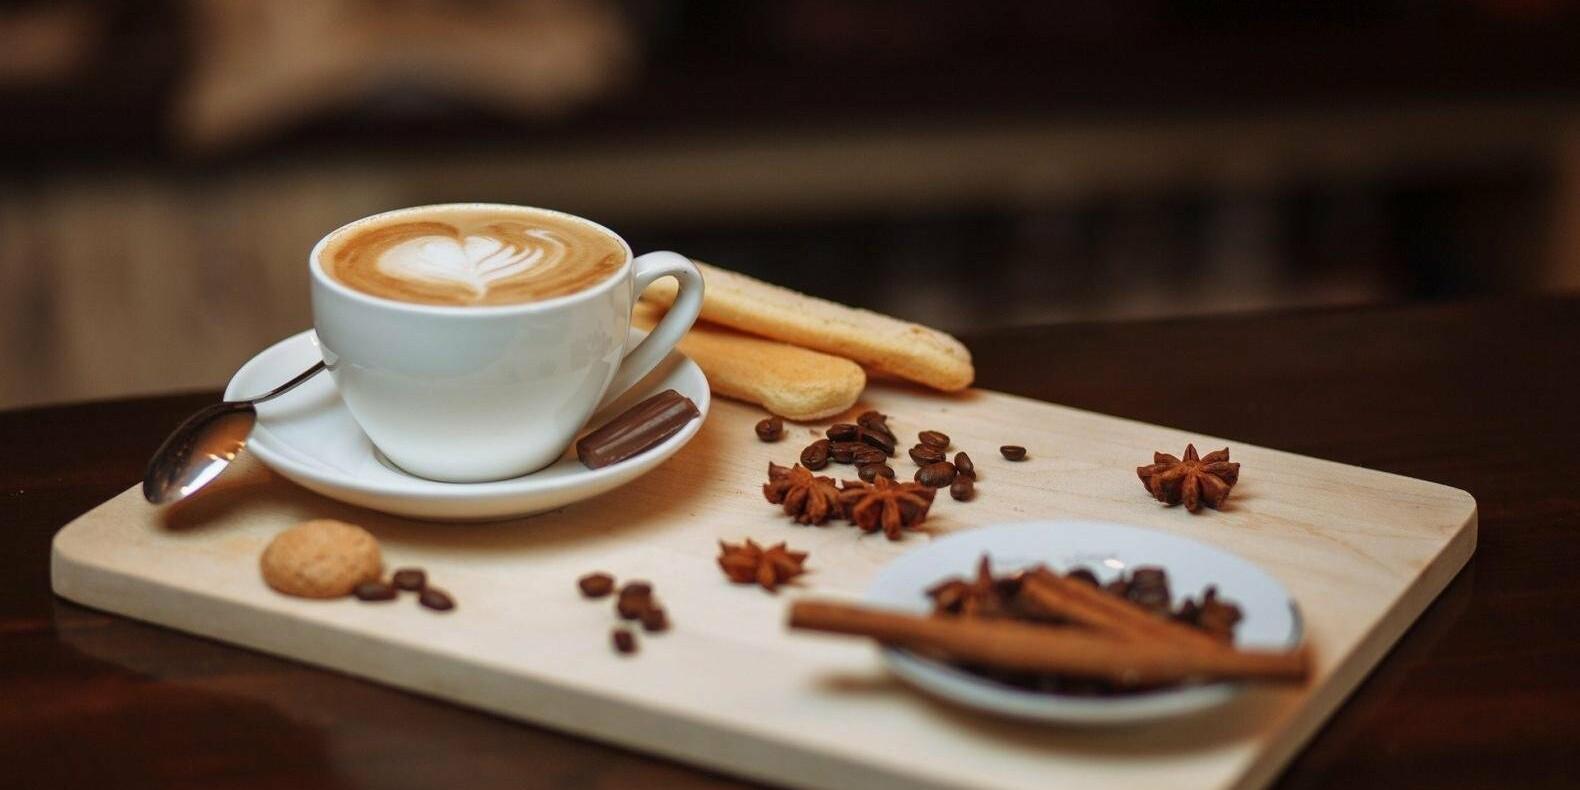 Врач рассказала какие продукты опасно употреблять с кофе